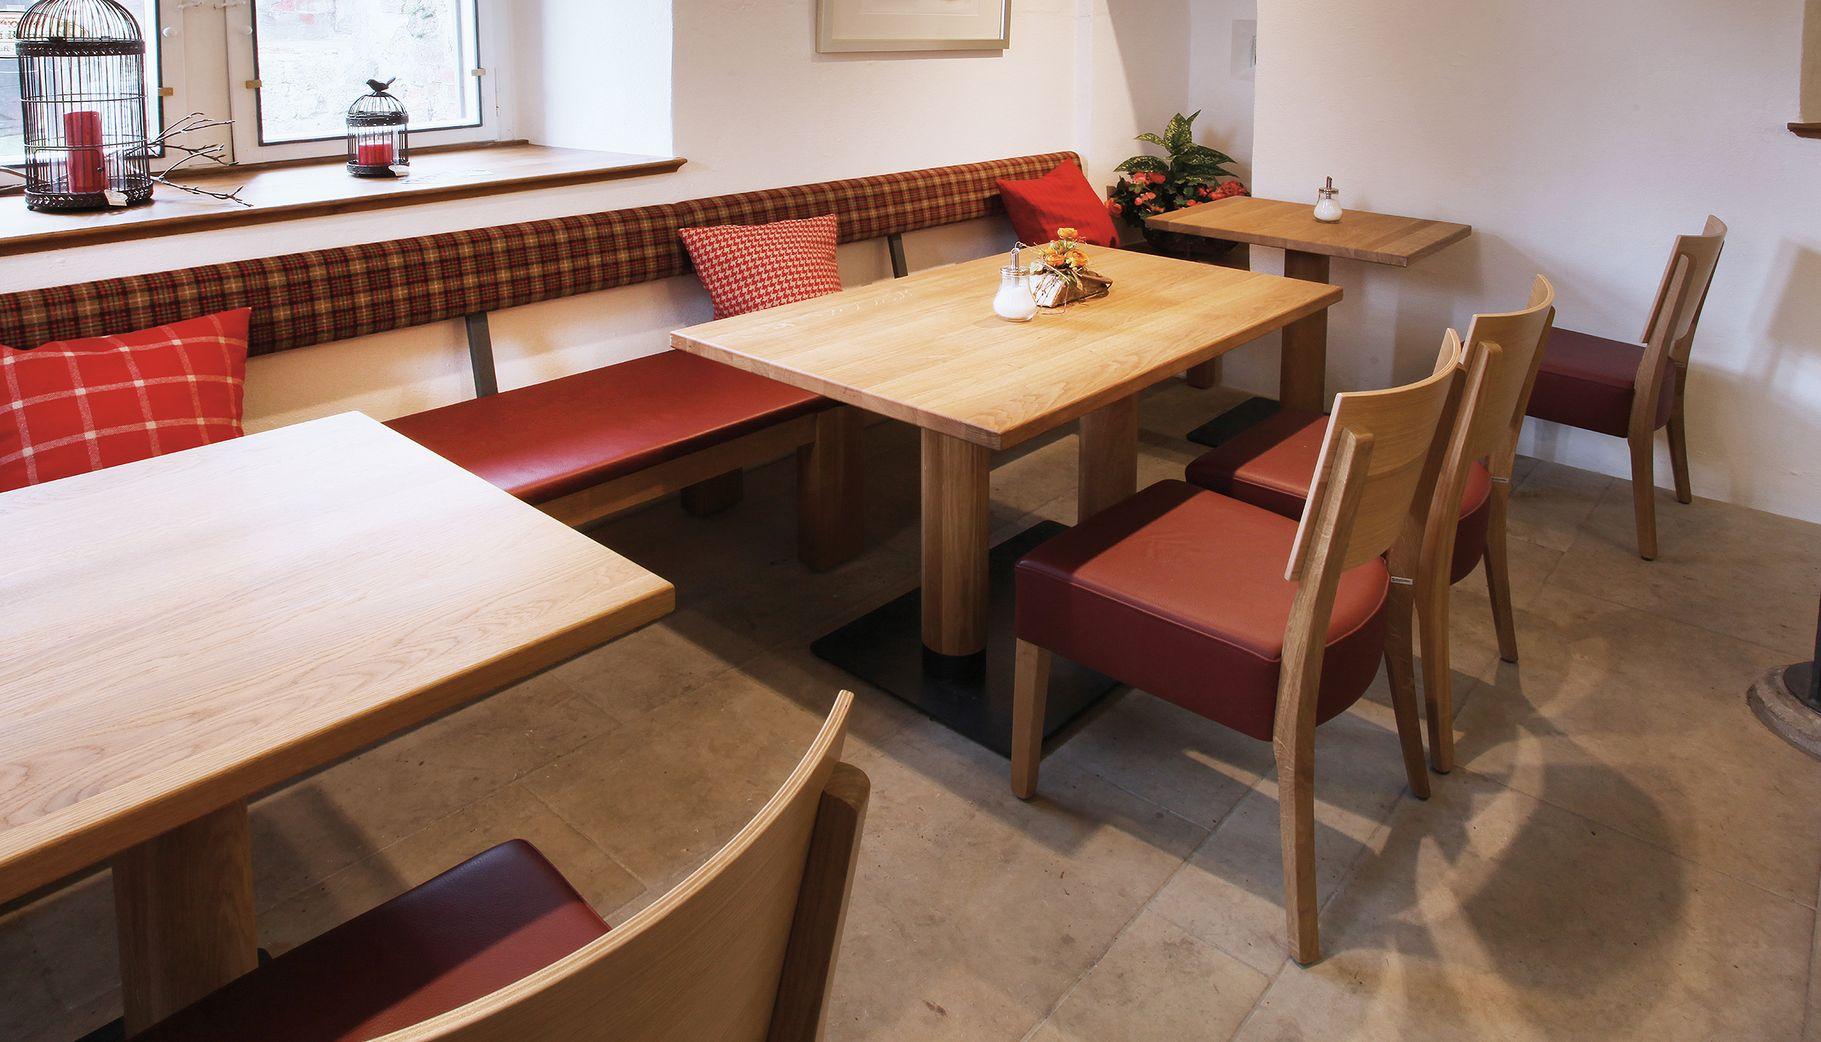 Holzsäulentische, Tischsäule rund und rechteckig